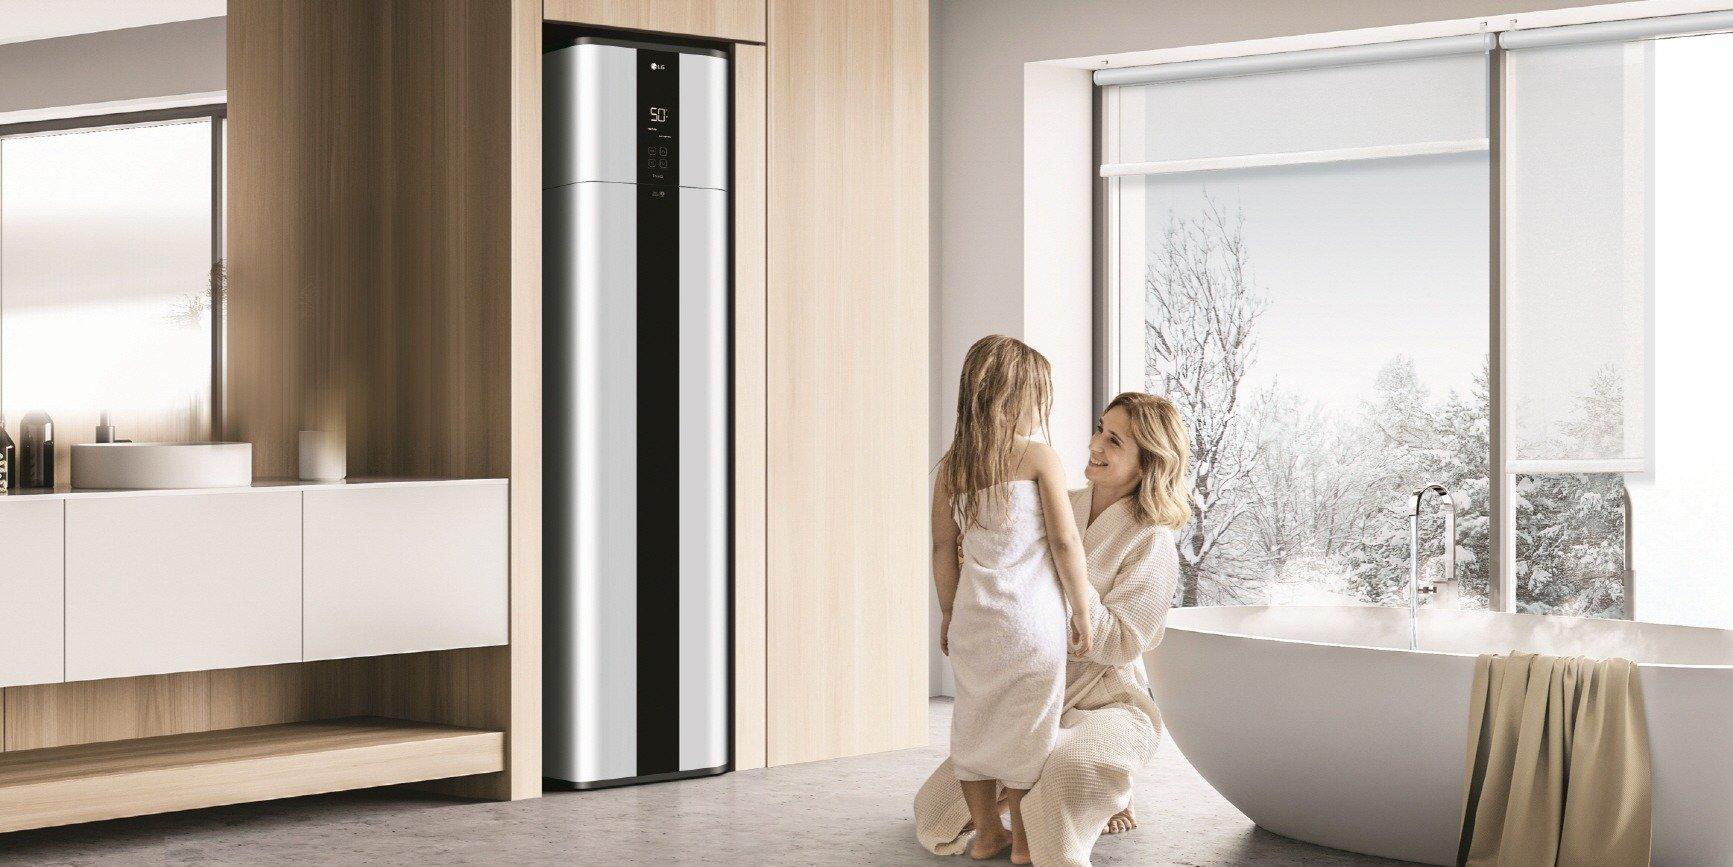 Wydajna i przyjazna dla środowiska pompa ciepła LG do ciepłej wody użytkowej, wyróżniona nagrodami za wzornictwo